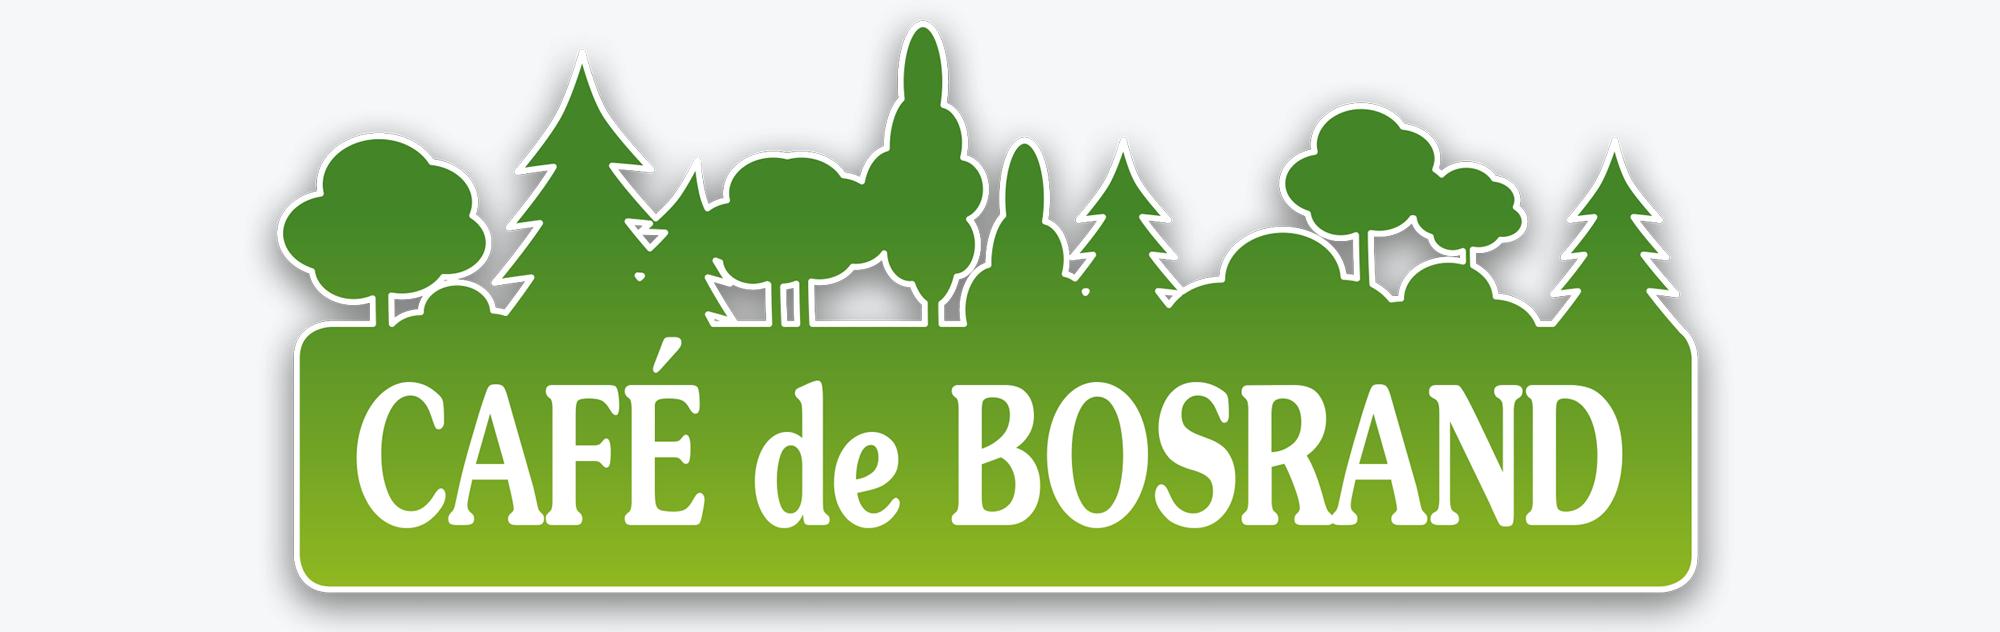 Café de Bosrand, Swalmen